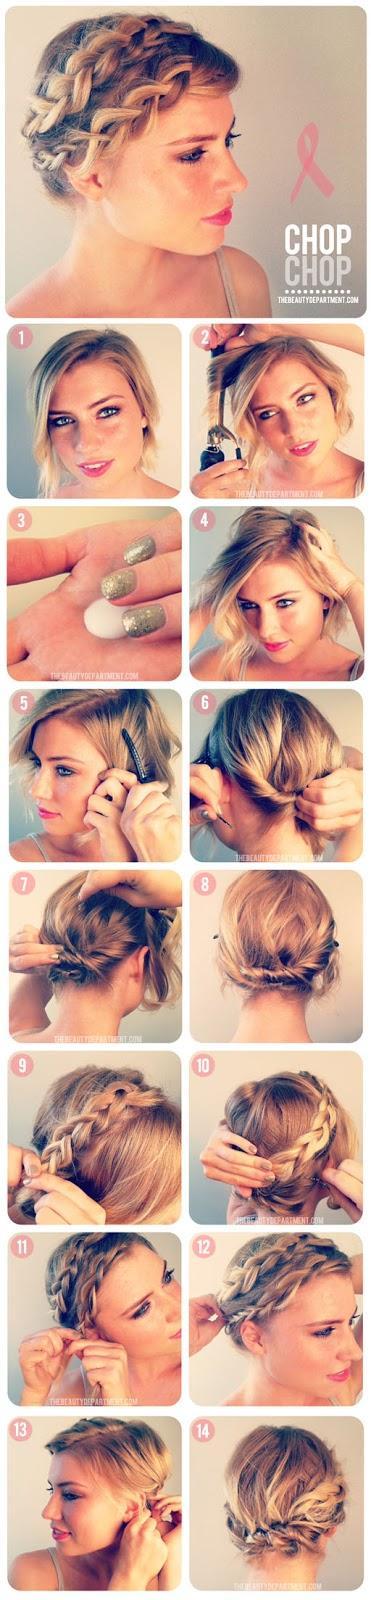 5 tutoriales para peinados de fiesta estas navidades - Tutorial de peinados ...